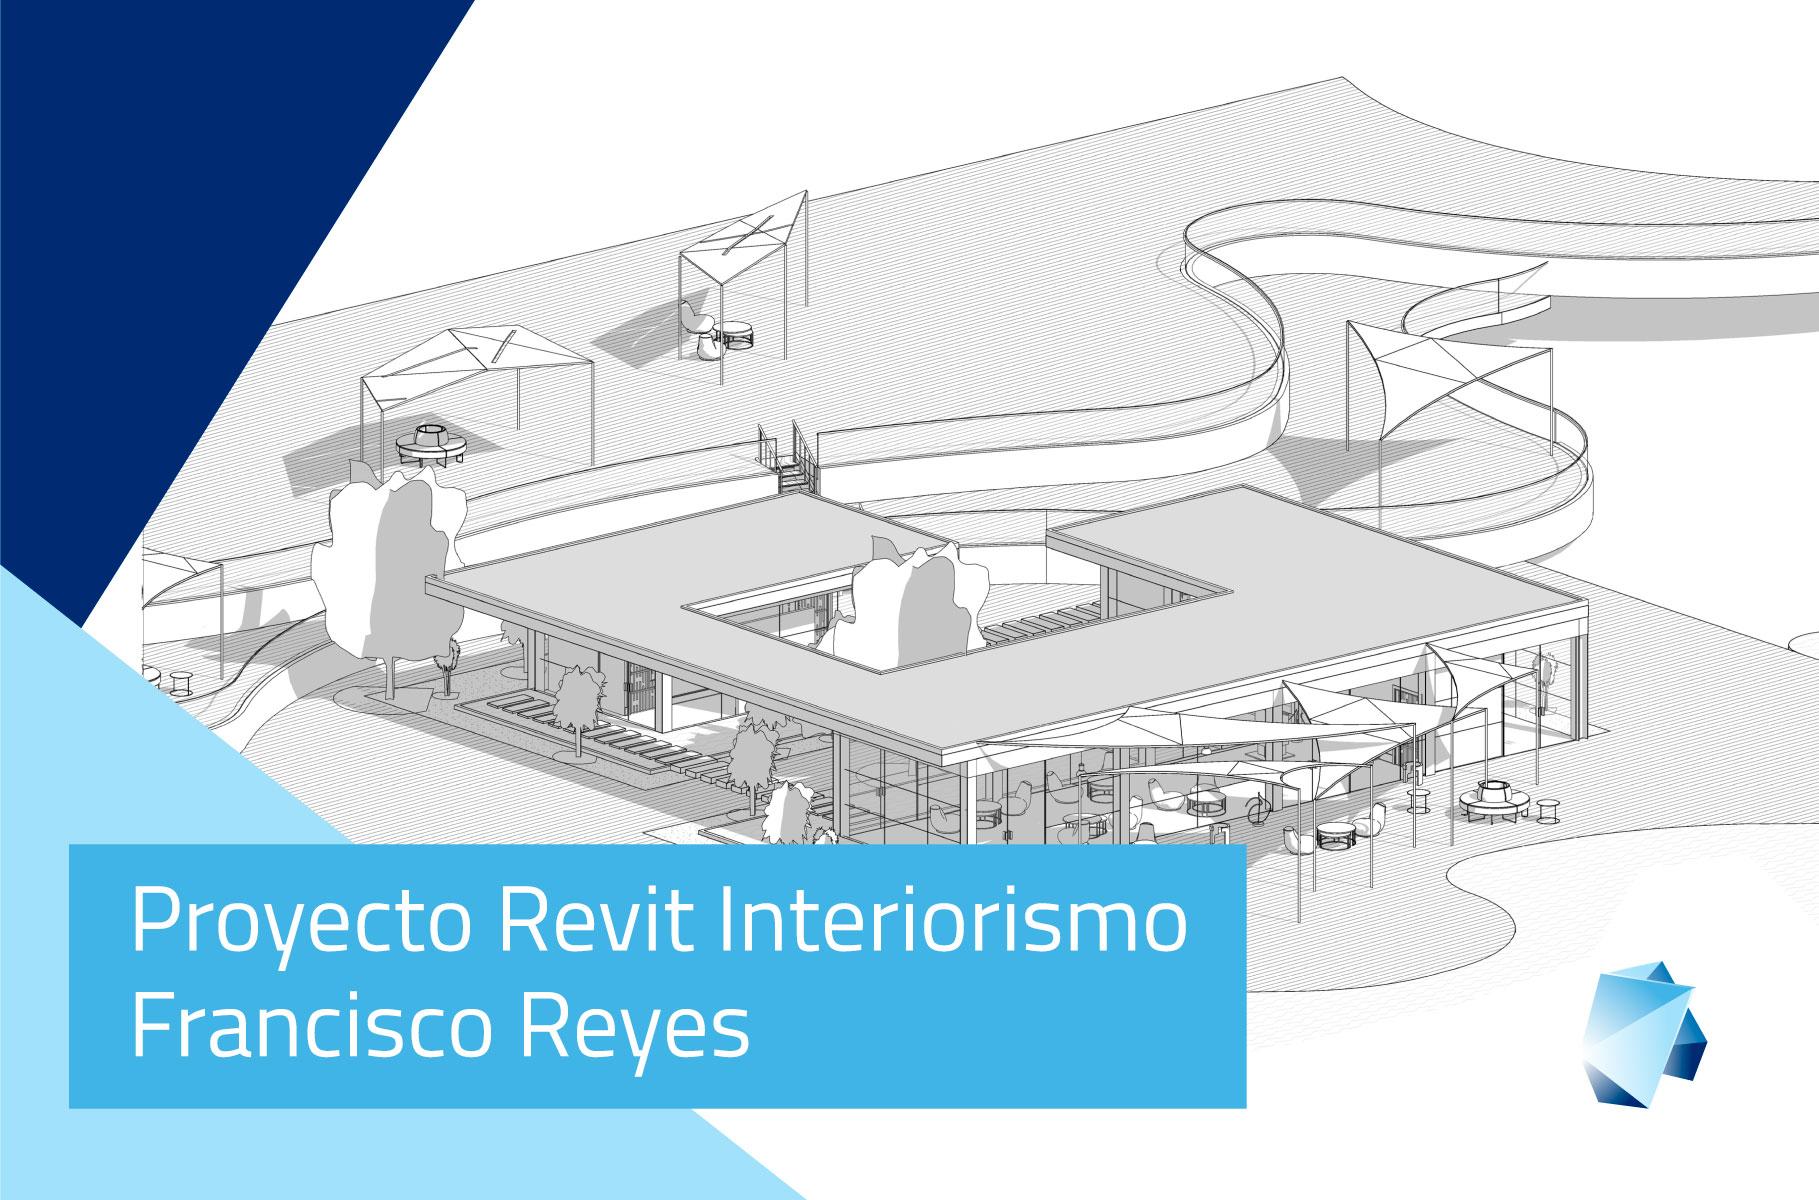 Portada-Proyecto proyecto revit interiorismo Francisco Reyes